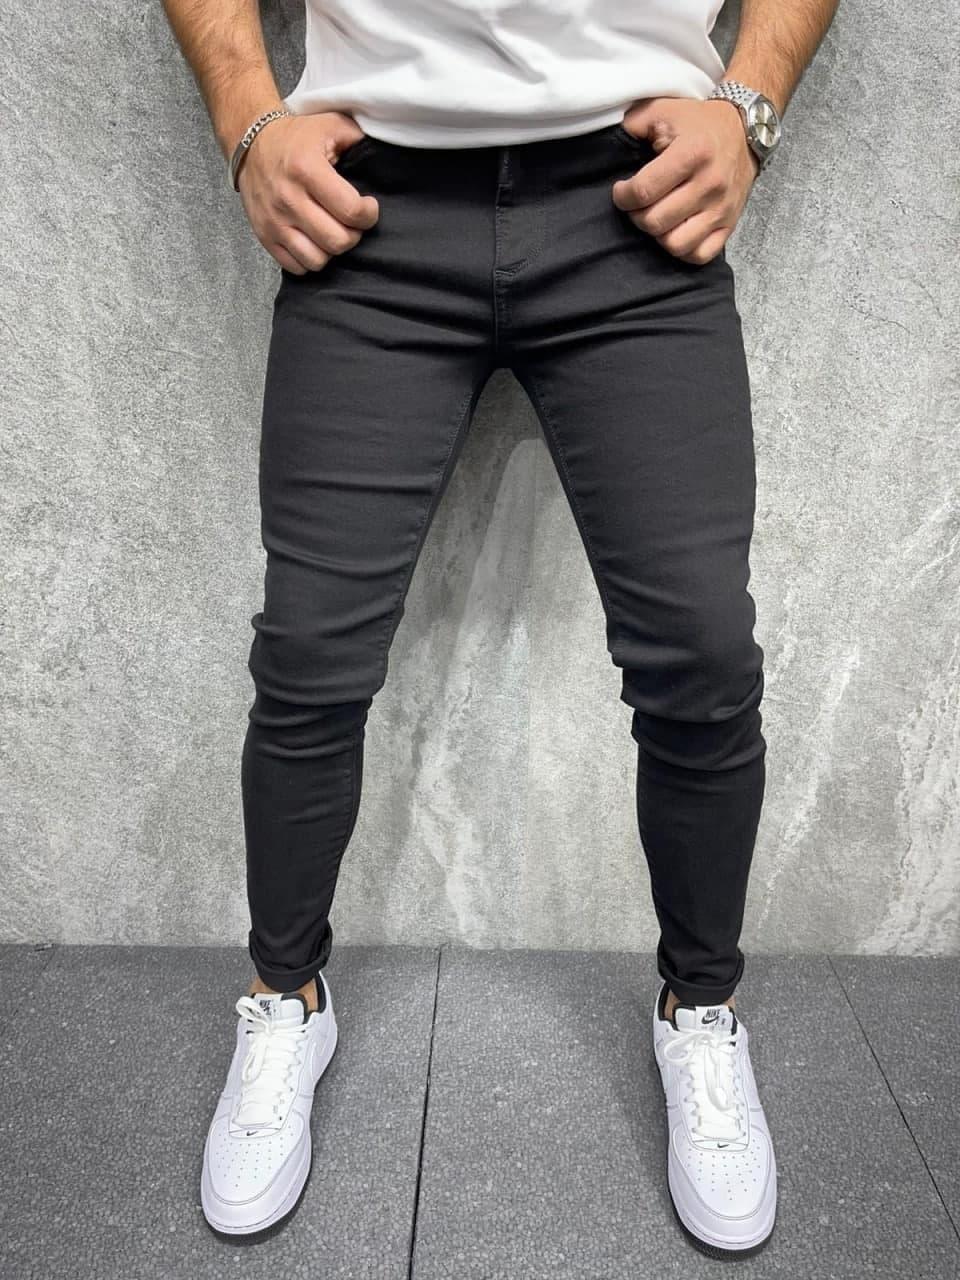 Джинси - Чоловічі трендові джинси чорні / чоловічі трендові джинси чорні